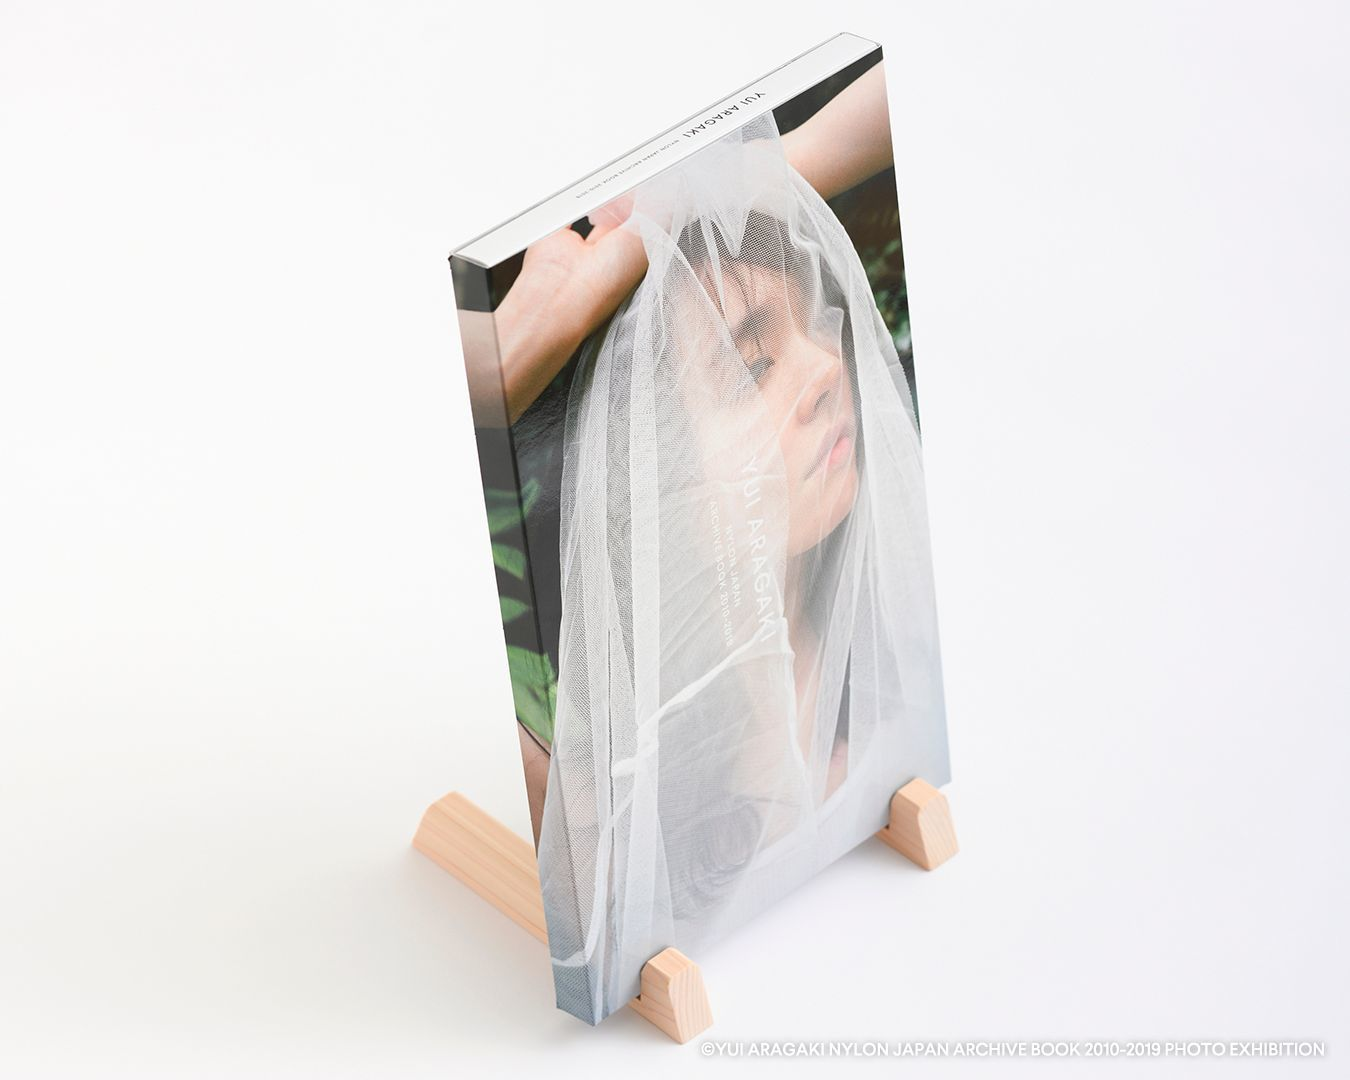 ブックスタンド (C)YUI ARAGAKI NYLON JAPAN ARCHIVE BOOK 2010-2019 PHOTO EXHIBITION